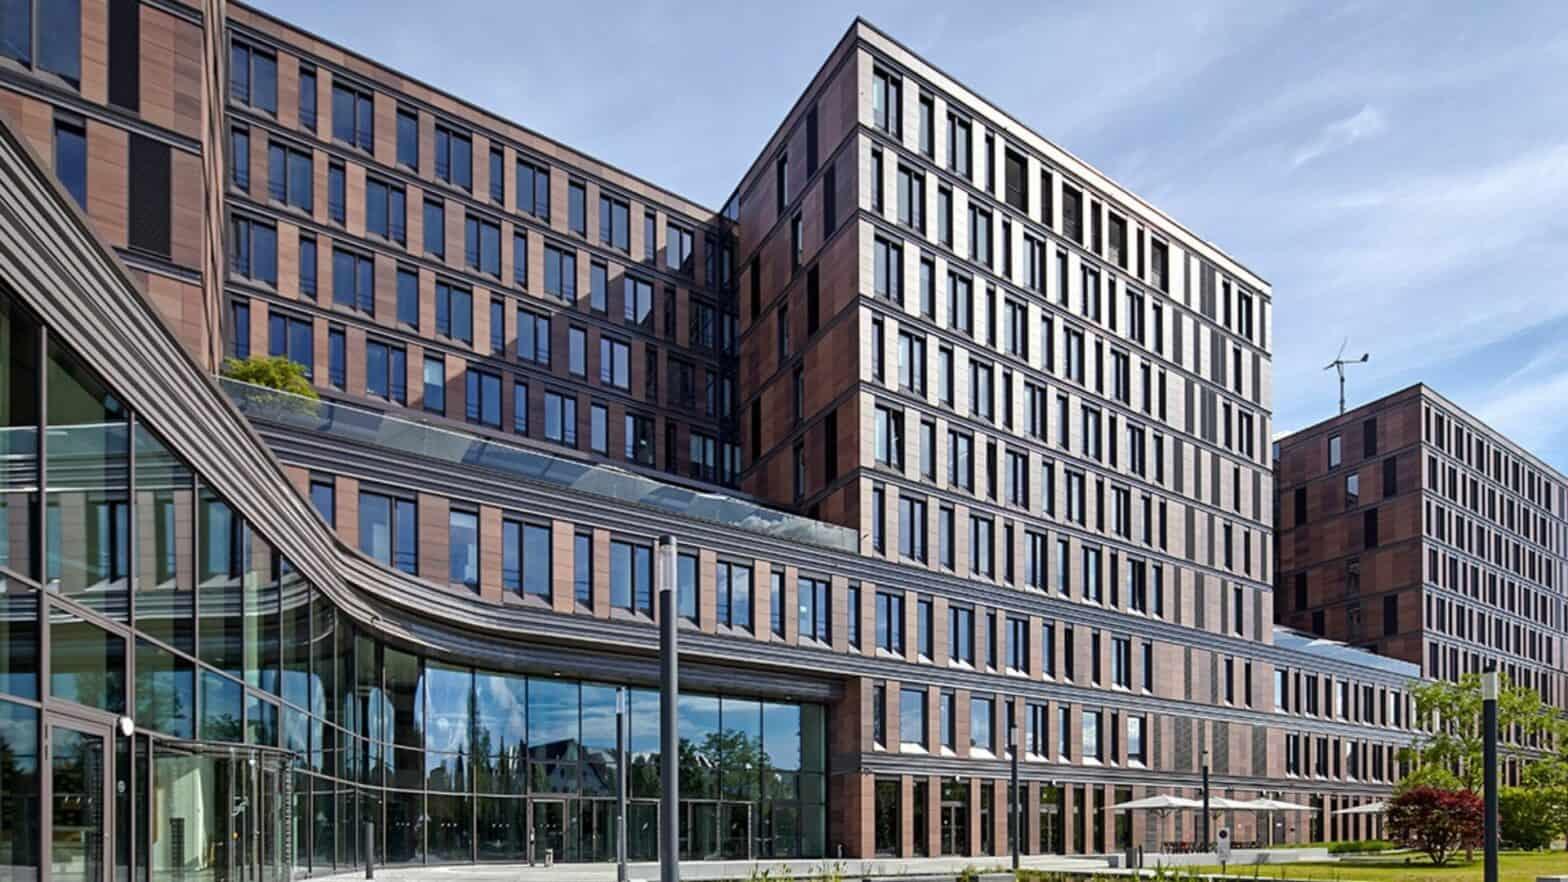 Target Unis für das Wirtschafts-Studium in der DACH-Region, Frankfurt School of Finance & Management